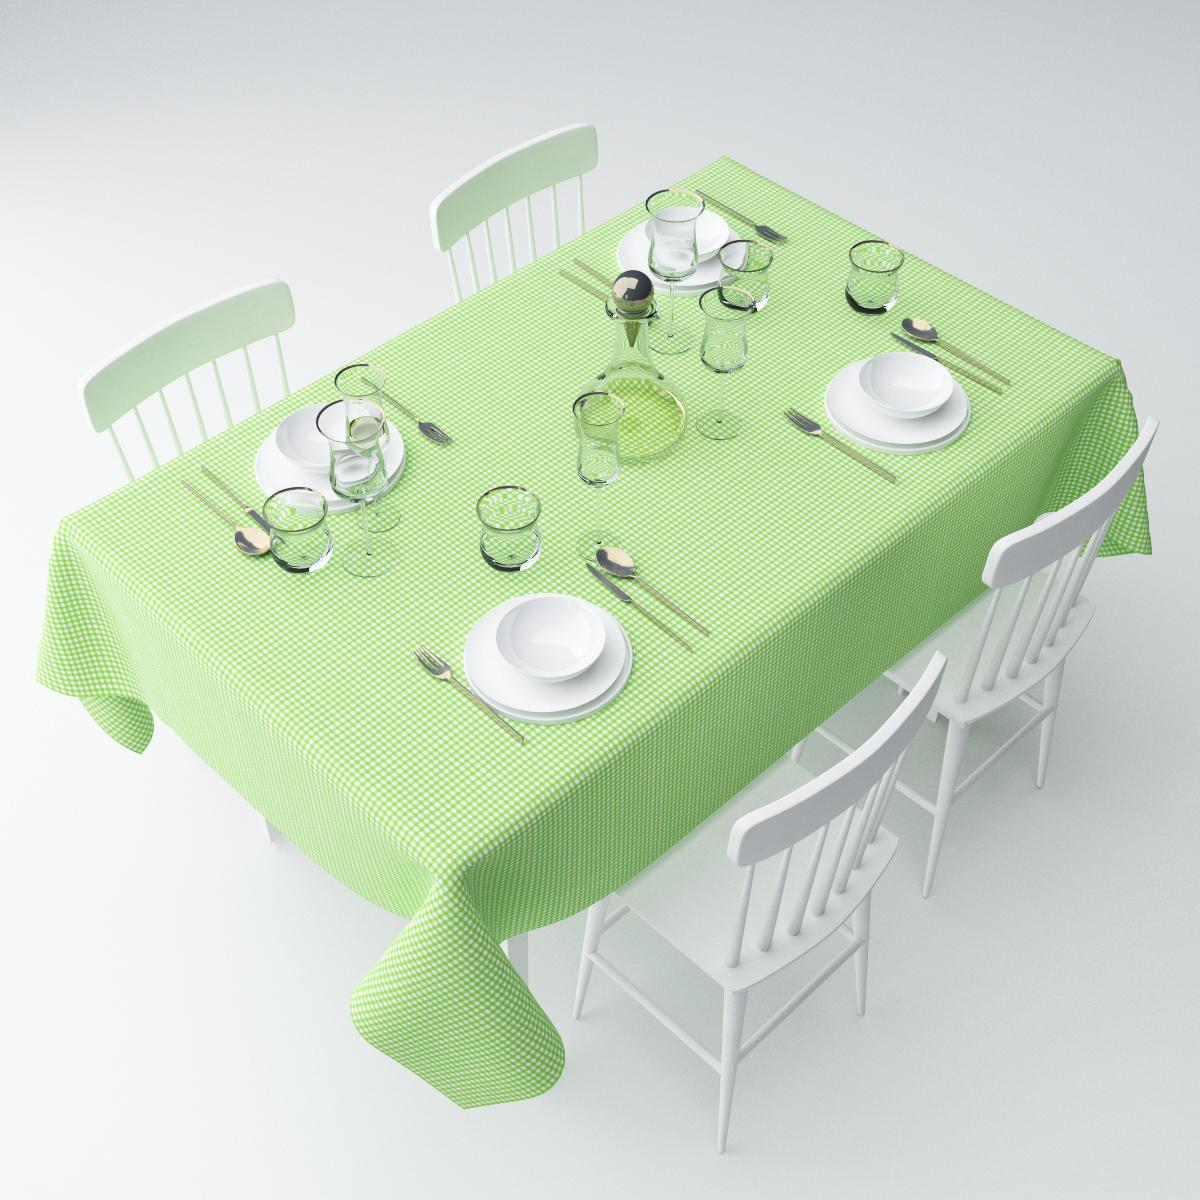 Скатерть Сирень Зеленая клетка, прямоугольная, 145 х 120 смtc-16395-180x145Прямоугольная скатерть Сирень Зеленая клетка, выполненная изгабардина с ярким рисунком, преобразит вашу кухню, визуальнорасширит пространство, создаст атмосферу радости и комфорта.Рекомендации по уходу: стирка при 30 градусах, гладить при температуре до 110градусов. Размер скатерти: 145 х 120 см.Изображение может немного отличаться от реального.